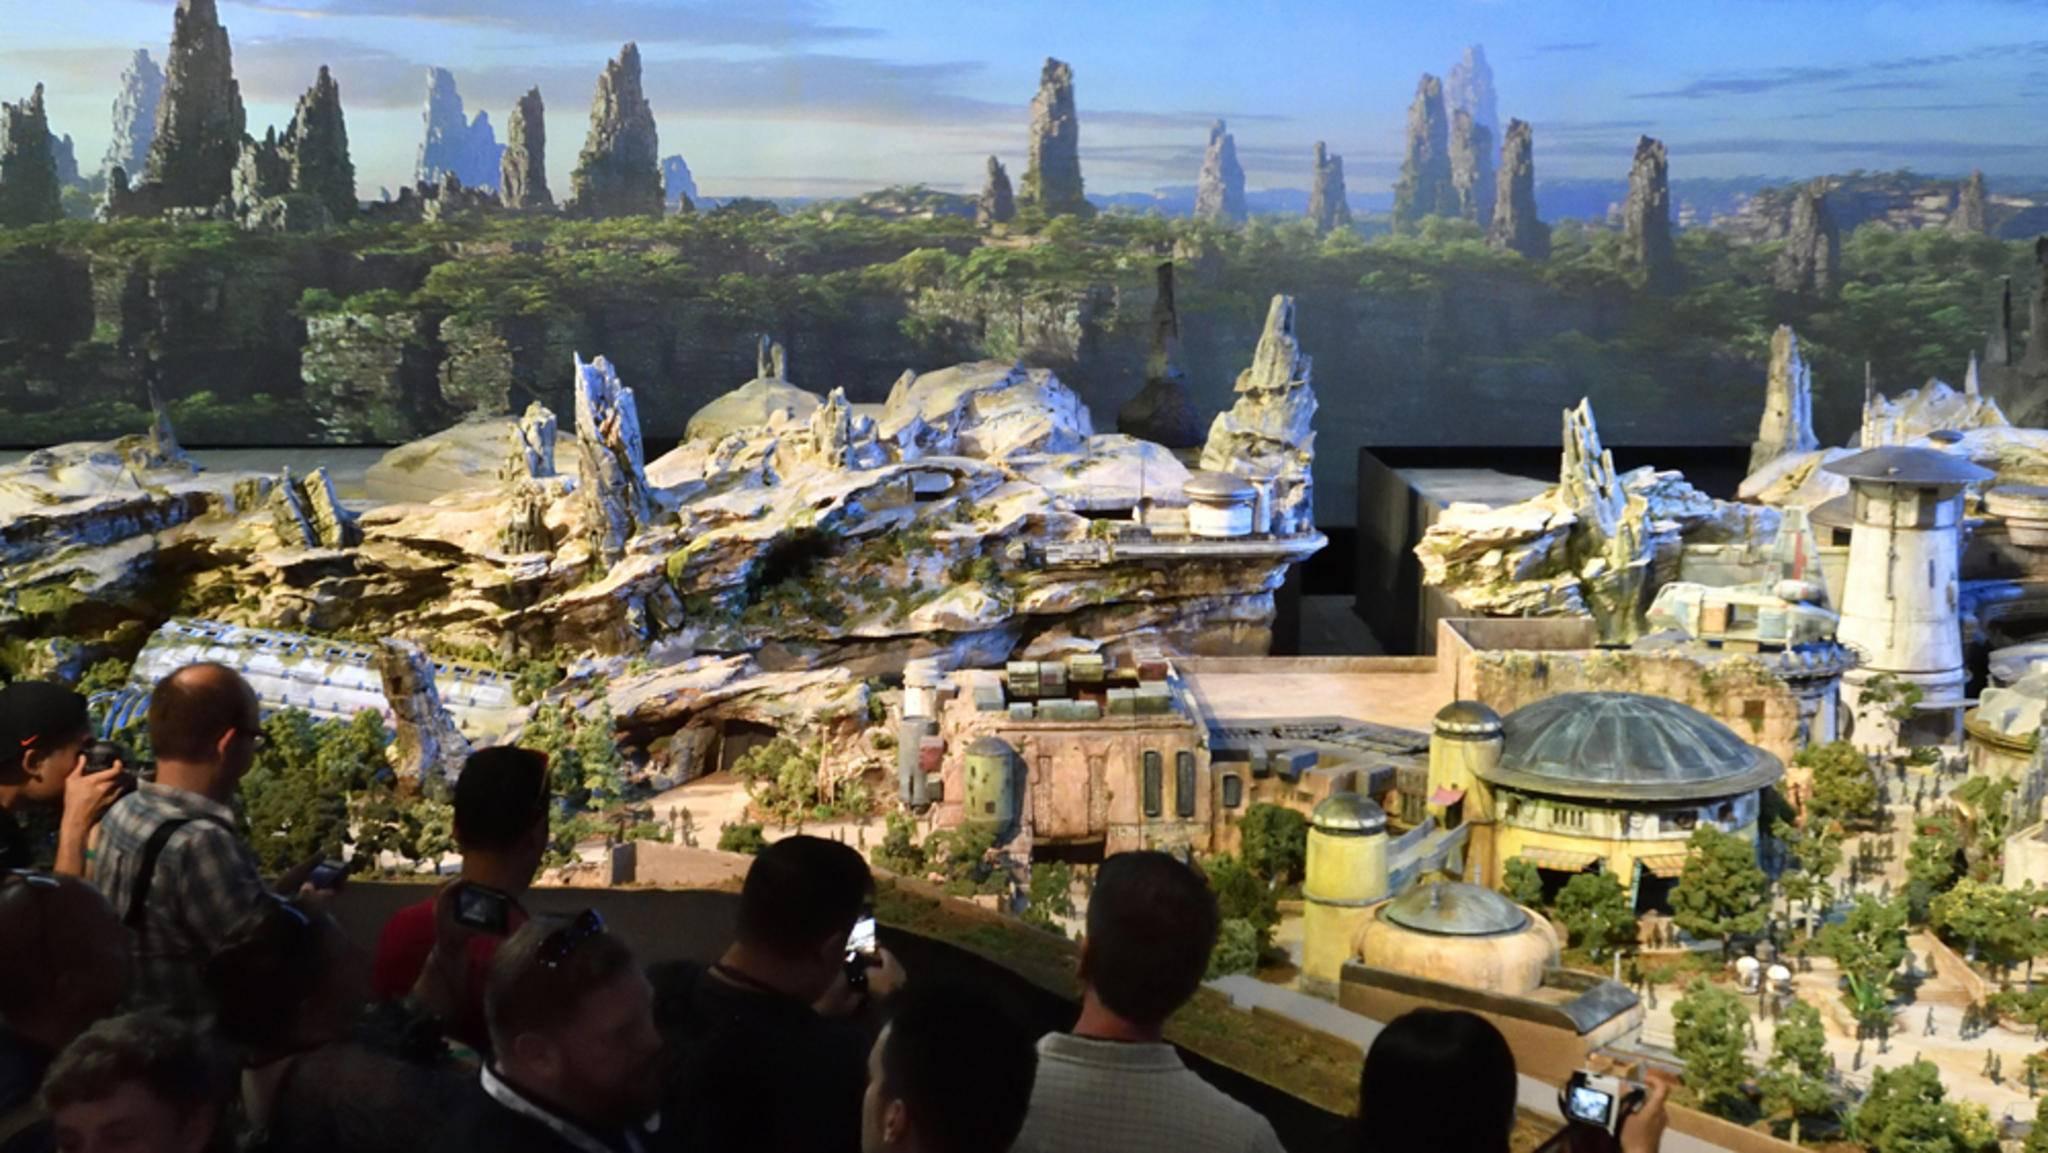 """Das neue Modell ermöglicht erstmals einen realitätsgetreuen Blick auf das zukünftige """"Star Wars Land""""."""